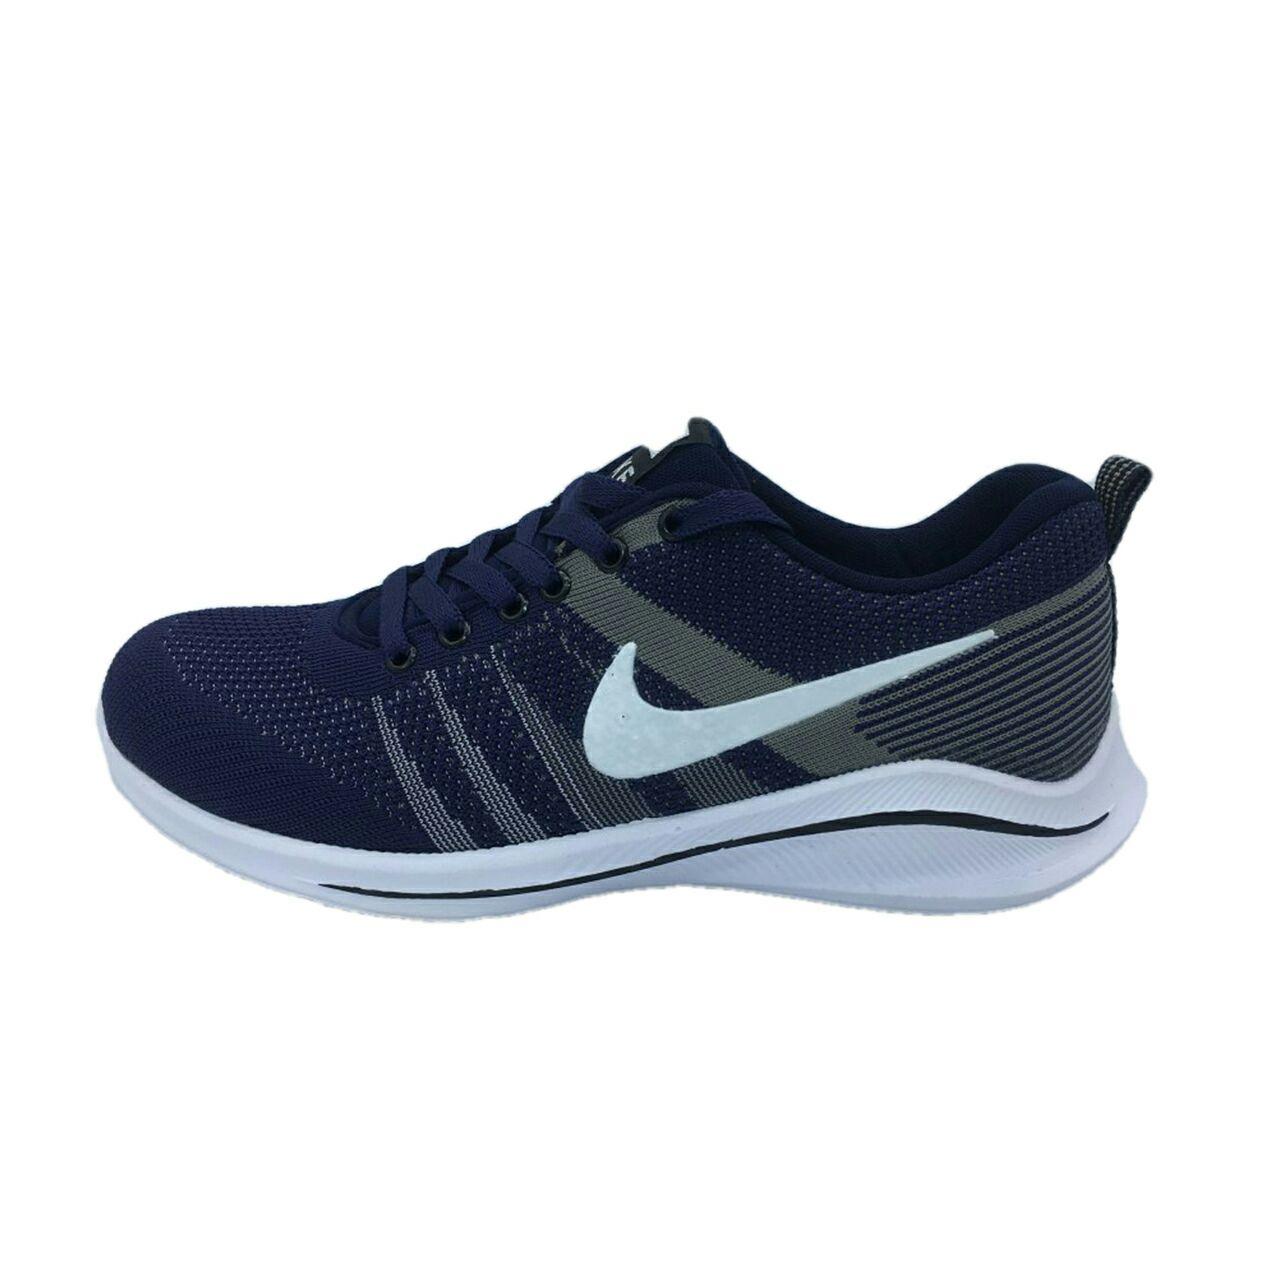 کفش مخصوص پیاده روی مردانه مدل  n101  رنگ سرمه ای